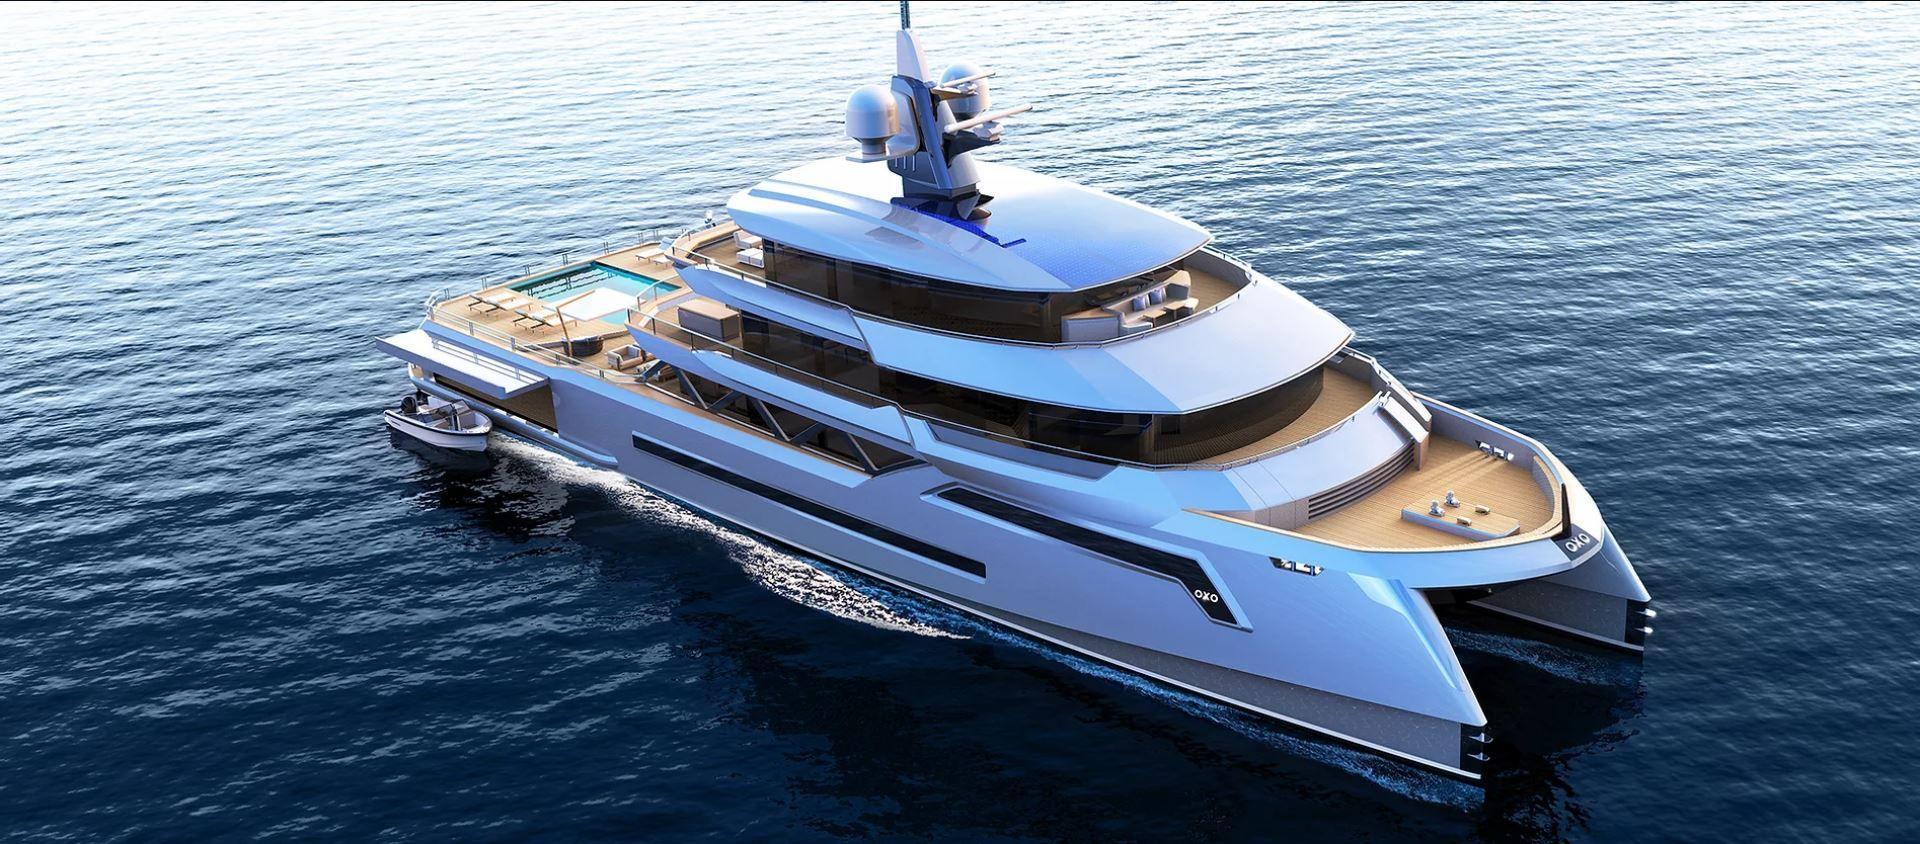 yacht concept, catamaran, yacht